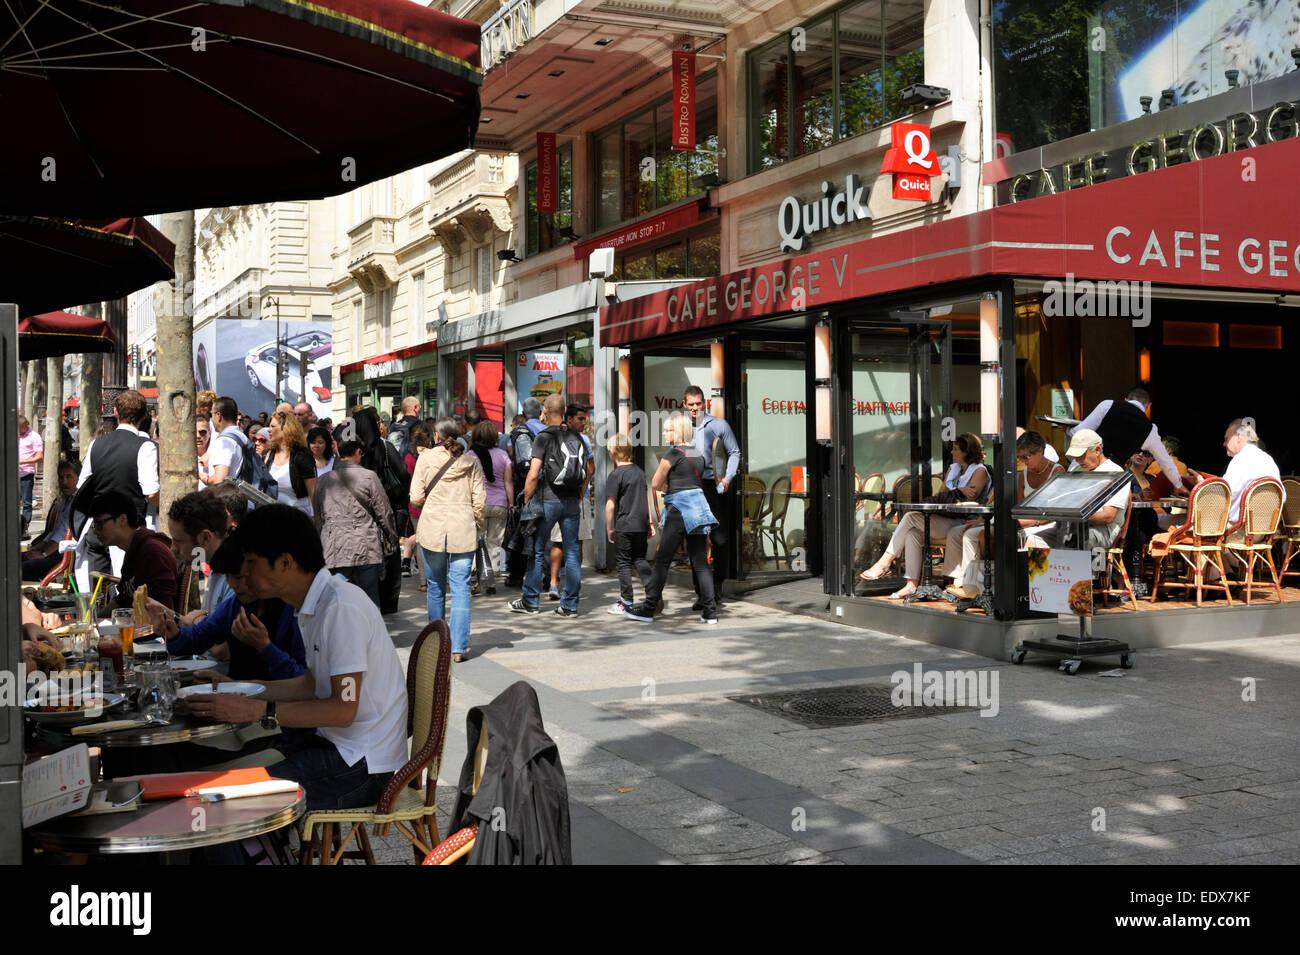 Paris, Avenue des Champs Élysées, cafe George V - Stock Image